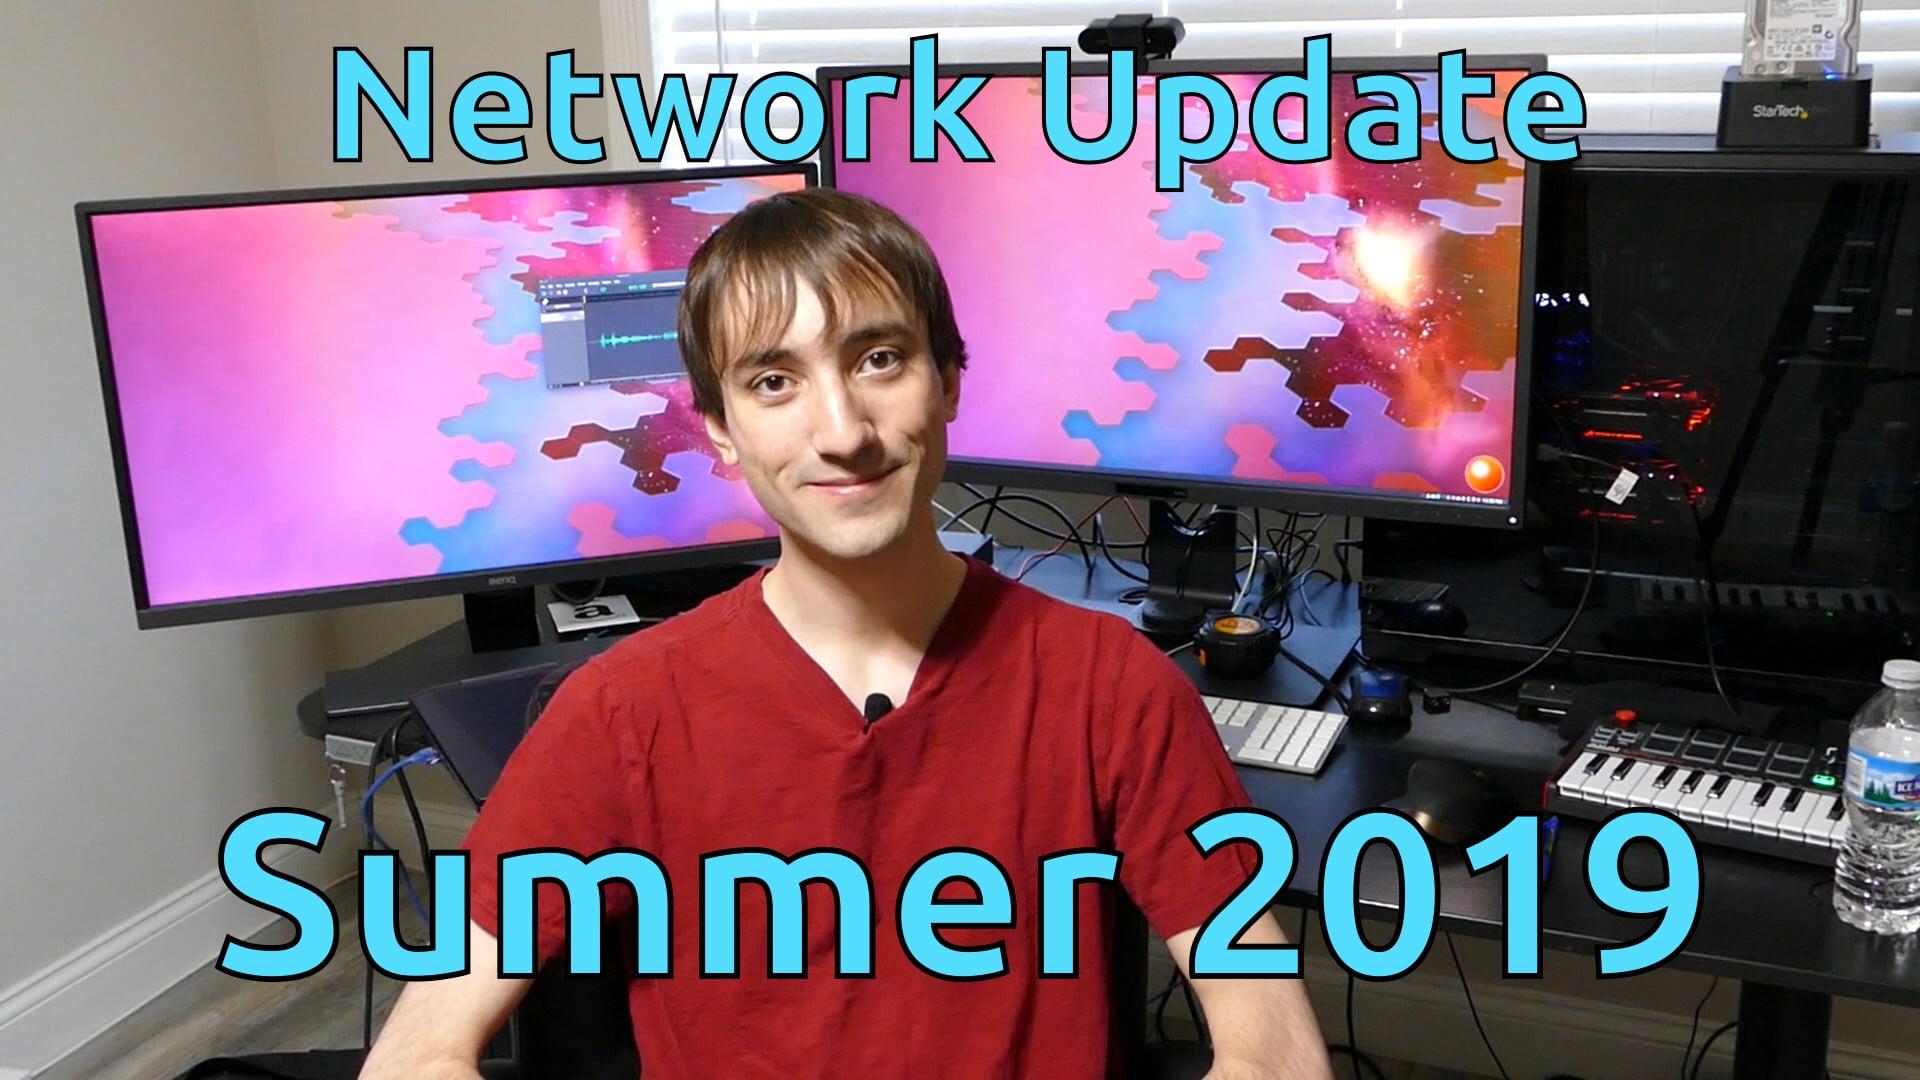 NOTS Network Update - Summer 2019